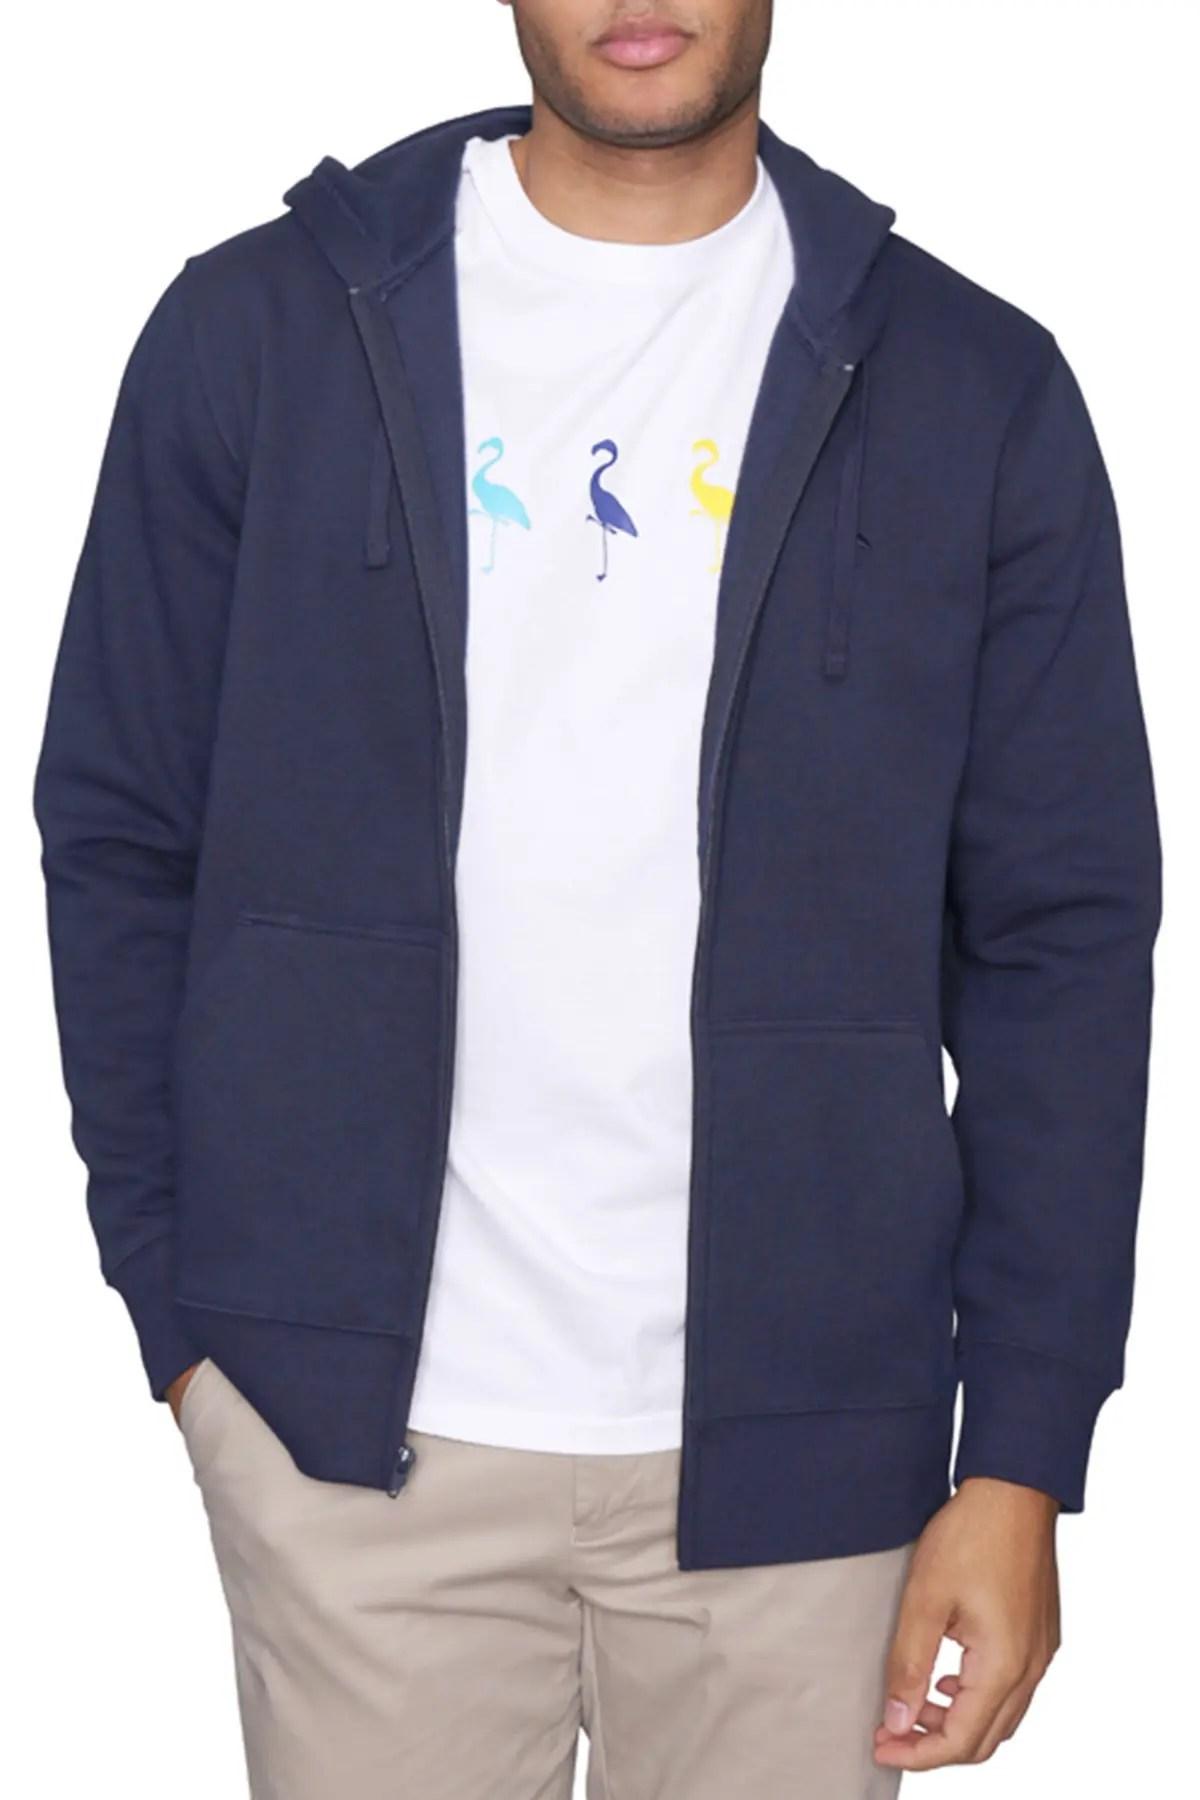 tailorbyrd men s sweatshirts hoodies